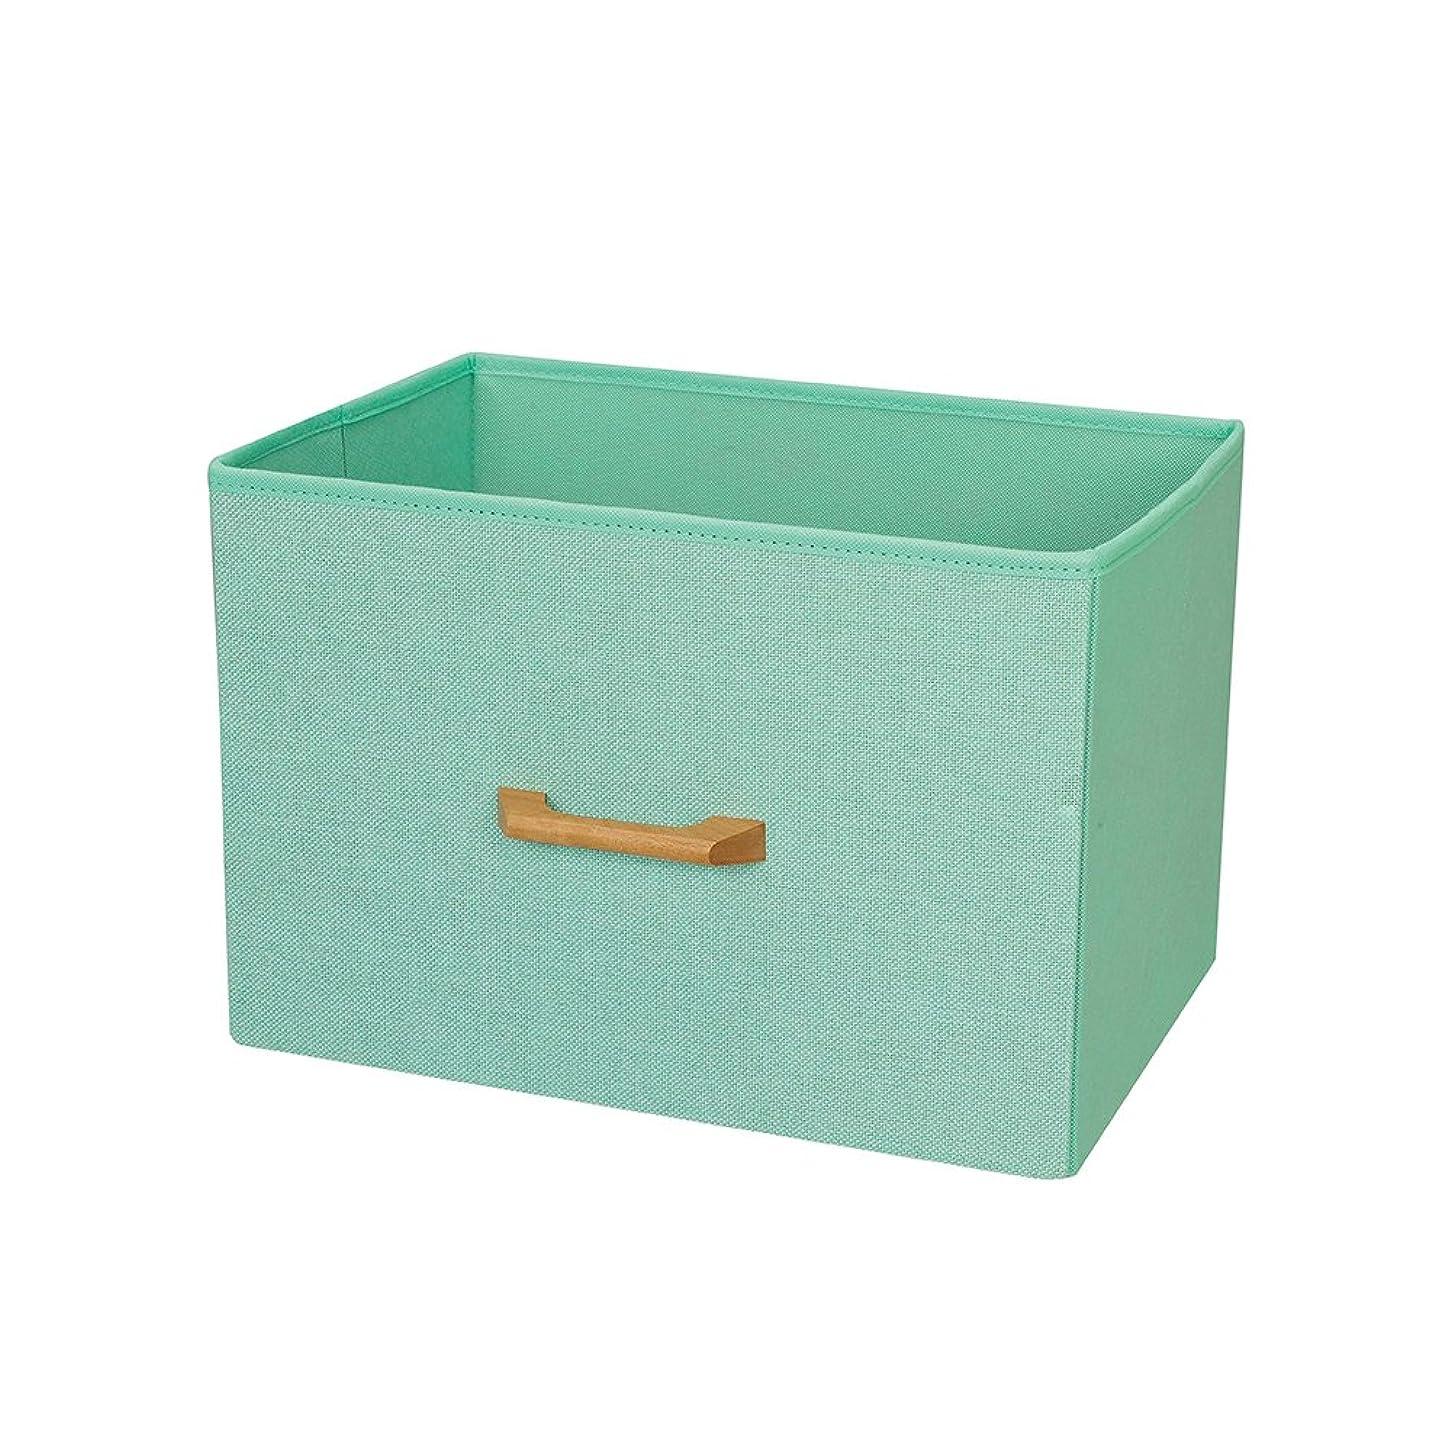 欠陥予防接種する苗カラーボックス 収納ボックス 縦置き 横型 木製ハンドル ミントグリーン 幅38×奥行26×高さ26cm NWH3826-MT